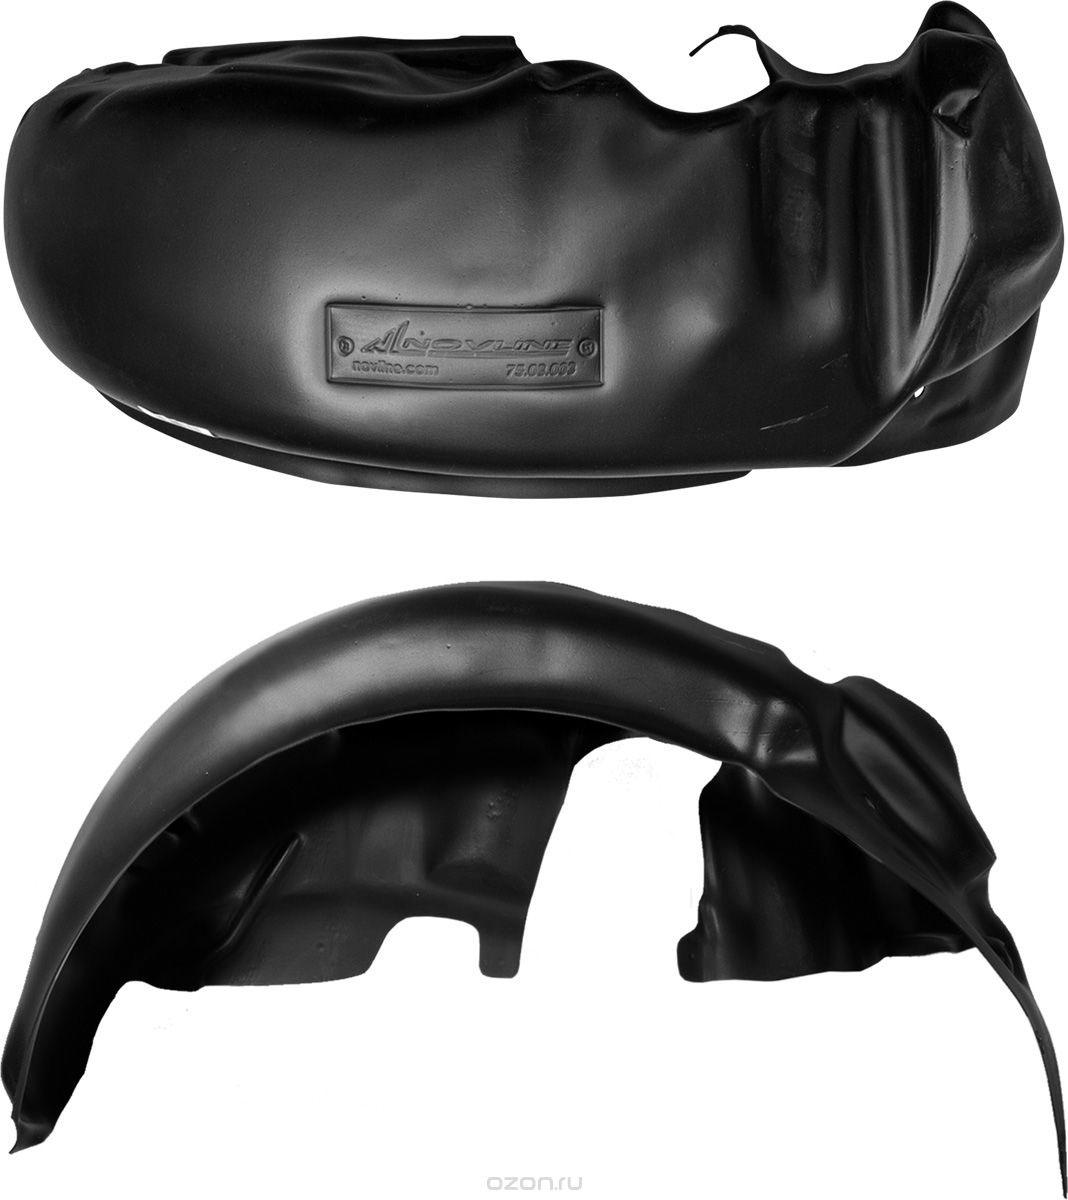 Подкрылок Novline-Autofamily, для HYUNDAI i40, 06/2012->, сед., задний левыйDW90Идеальная защита колесной ниши. Локеры разработаны с применением цифровых технологий, гарантируют максимальную повторяемость поверхности арки. Изделия устанавливаются без нарушения лакокрасочного покрытия автомобиля, каждый подкрылок комплектуется крепежом. Уважаемые клиенты, обращаем ваше внимание, что фотографии на подкрылки универсальные и не отражают реальную форму изделия. При этом само изделие идет точно под размер указанного автомобиля.